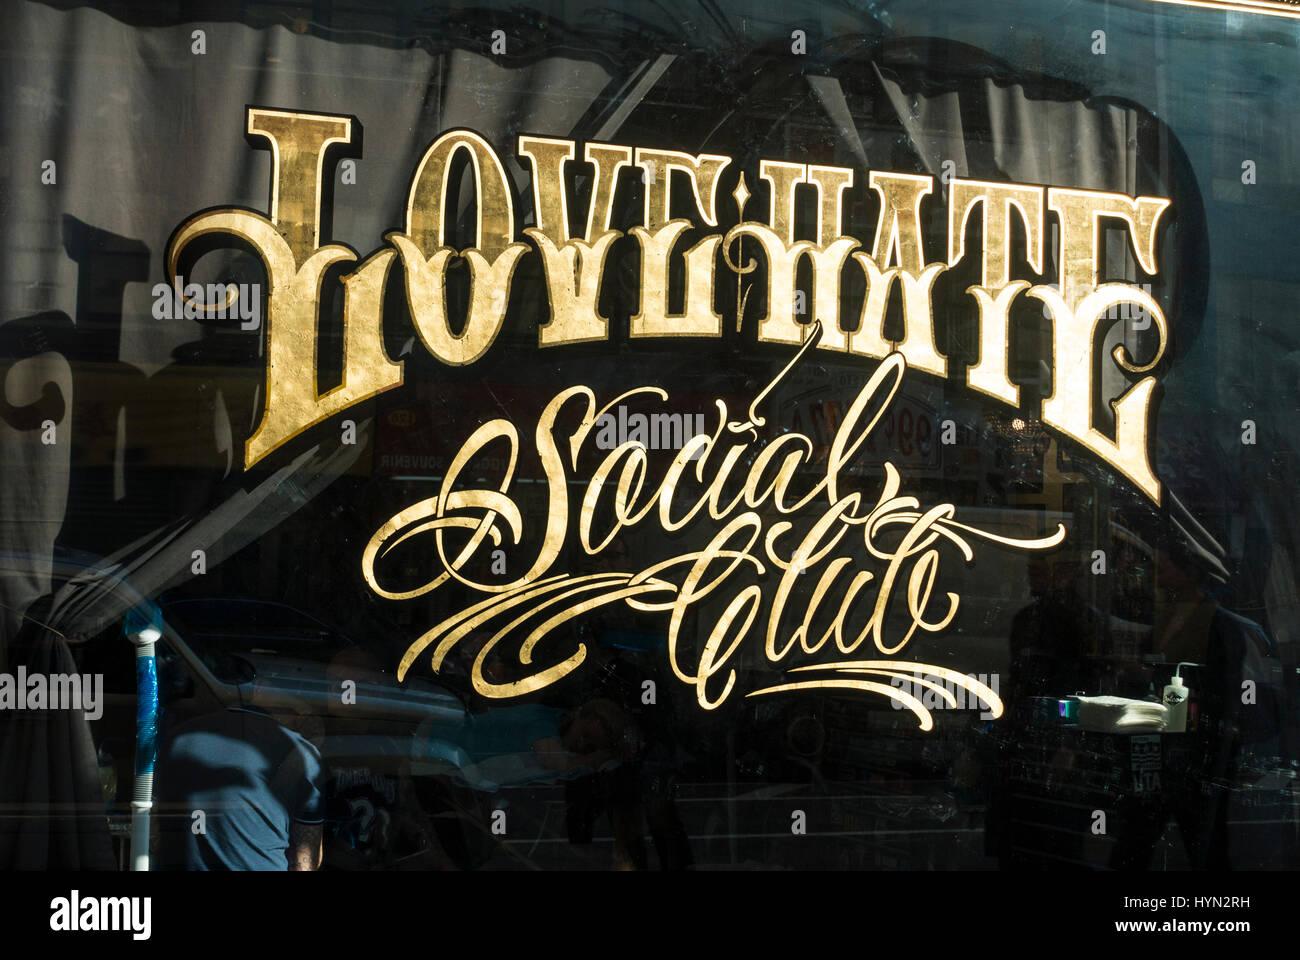 La haine l'amour Social Club, un salon de tatouage dans le bas Manhattan Photo Stock